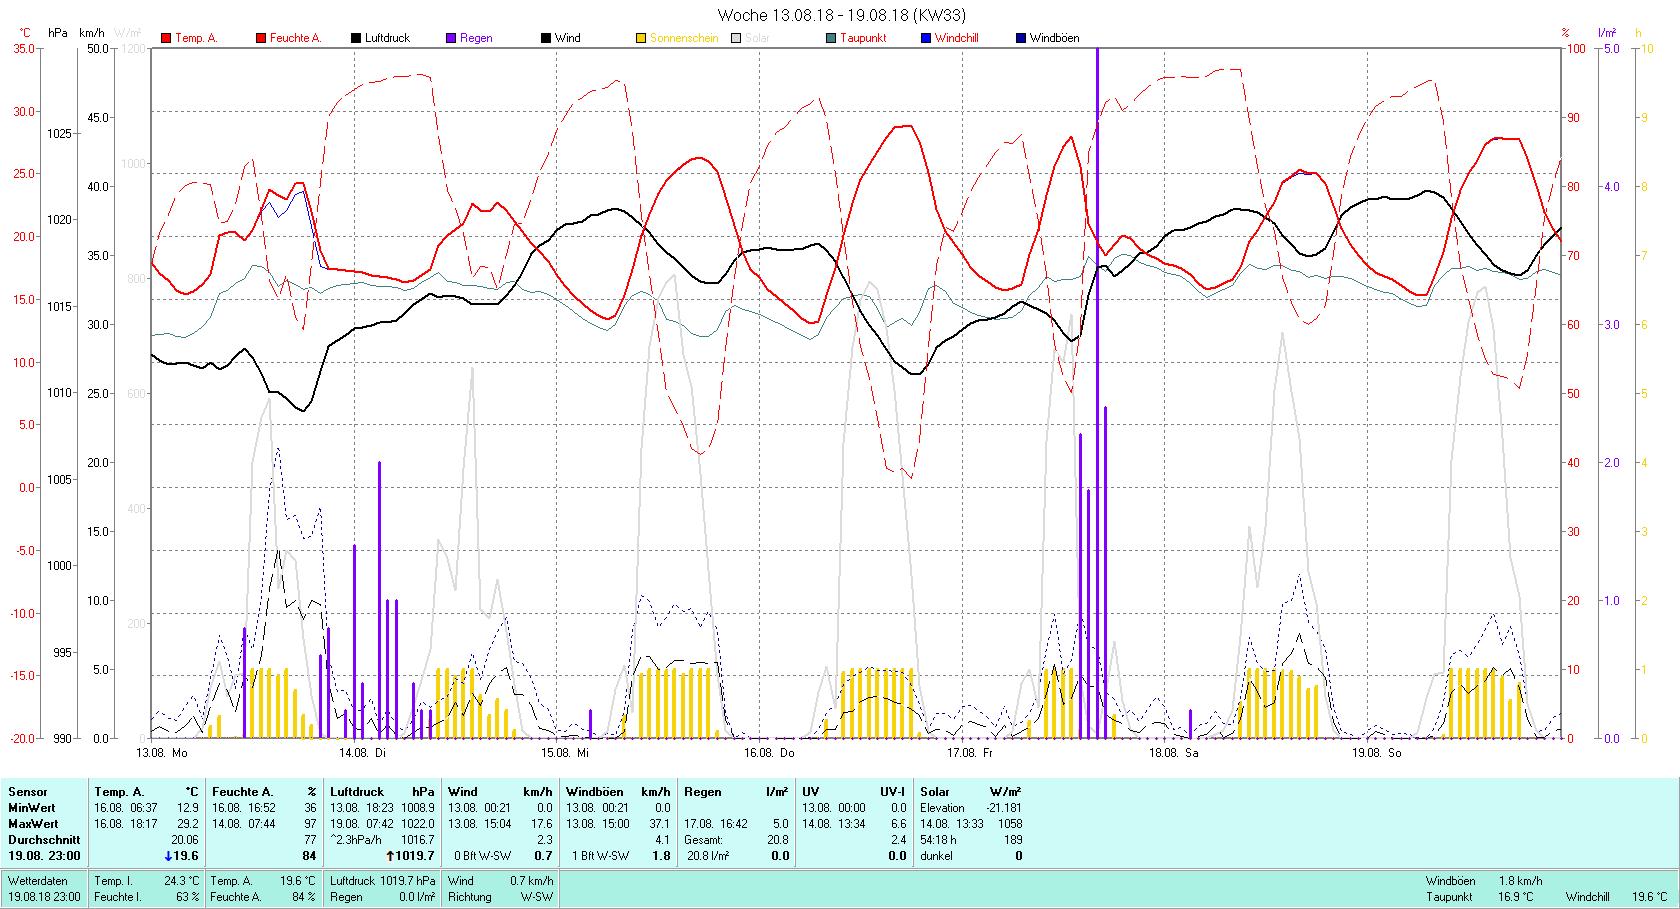 KW 33 Tmin 12.9°C, Tmax 29.2°C, Sonne 54:18 h Niederschlag 28.8 mm2